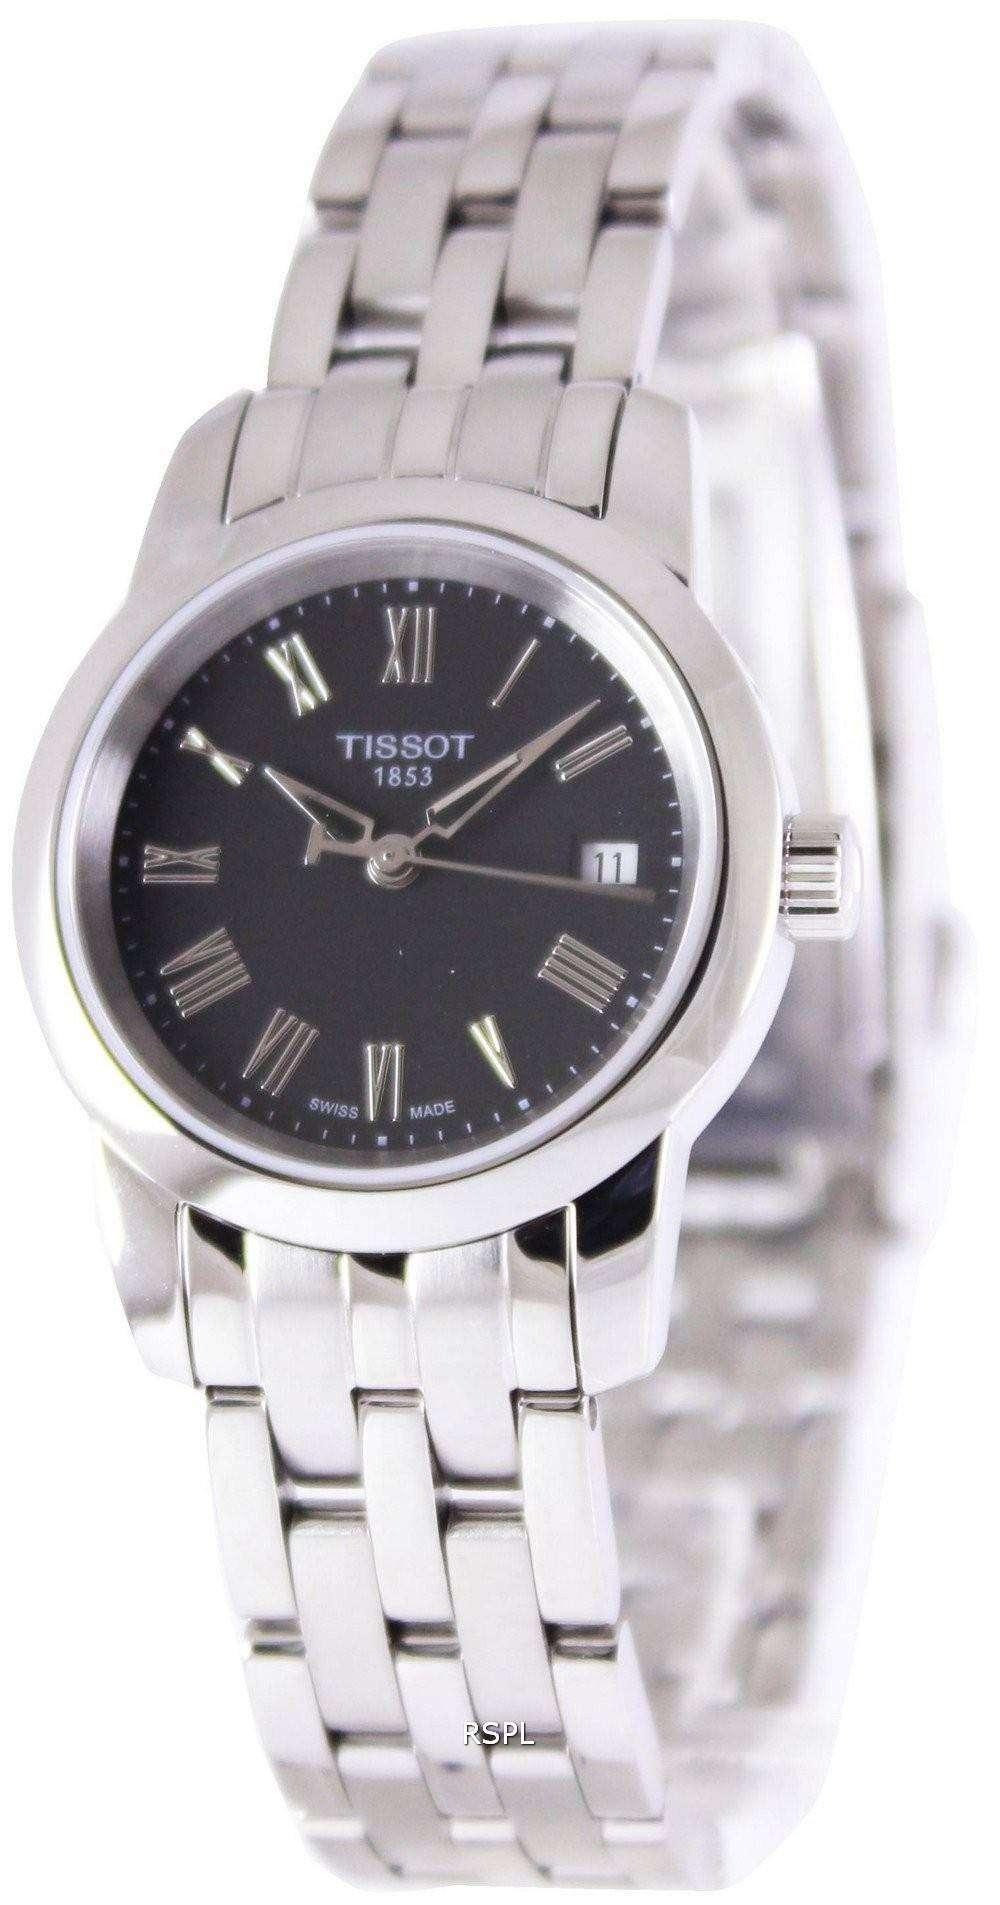 Крепление браслет цепочка 11 ремень  пусть эти великолепные классические часы подарят вам вдохновение, помогут реализовать свои мечты и жить полной жизнью.